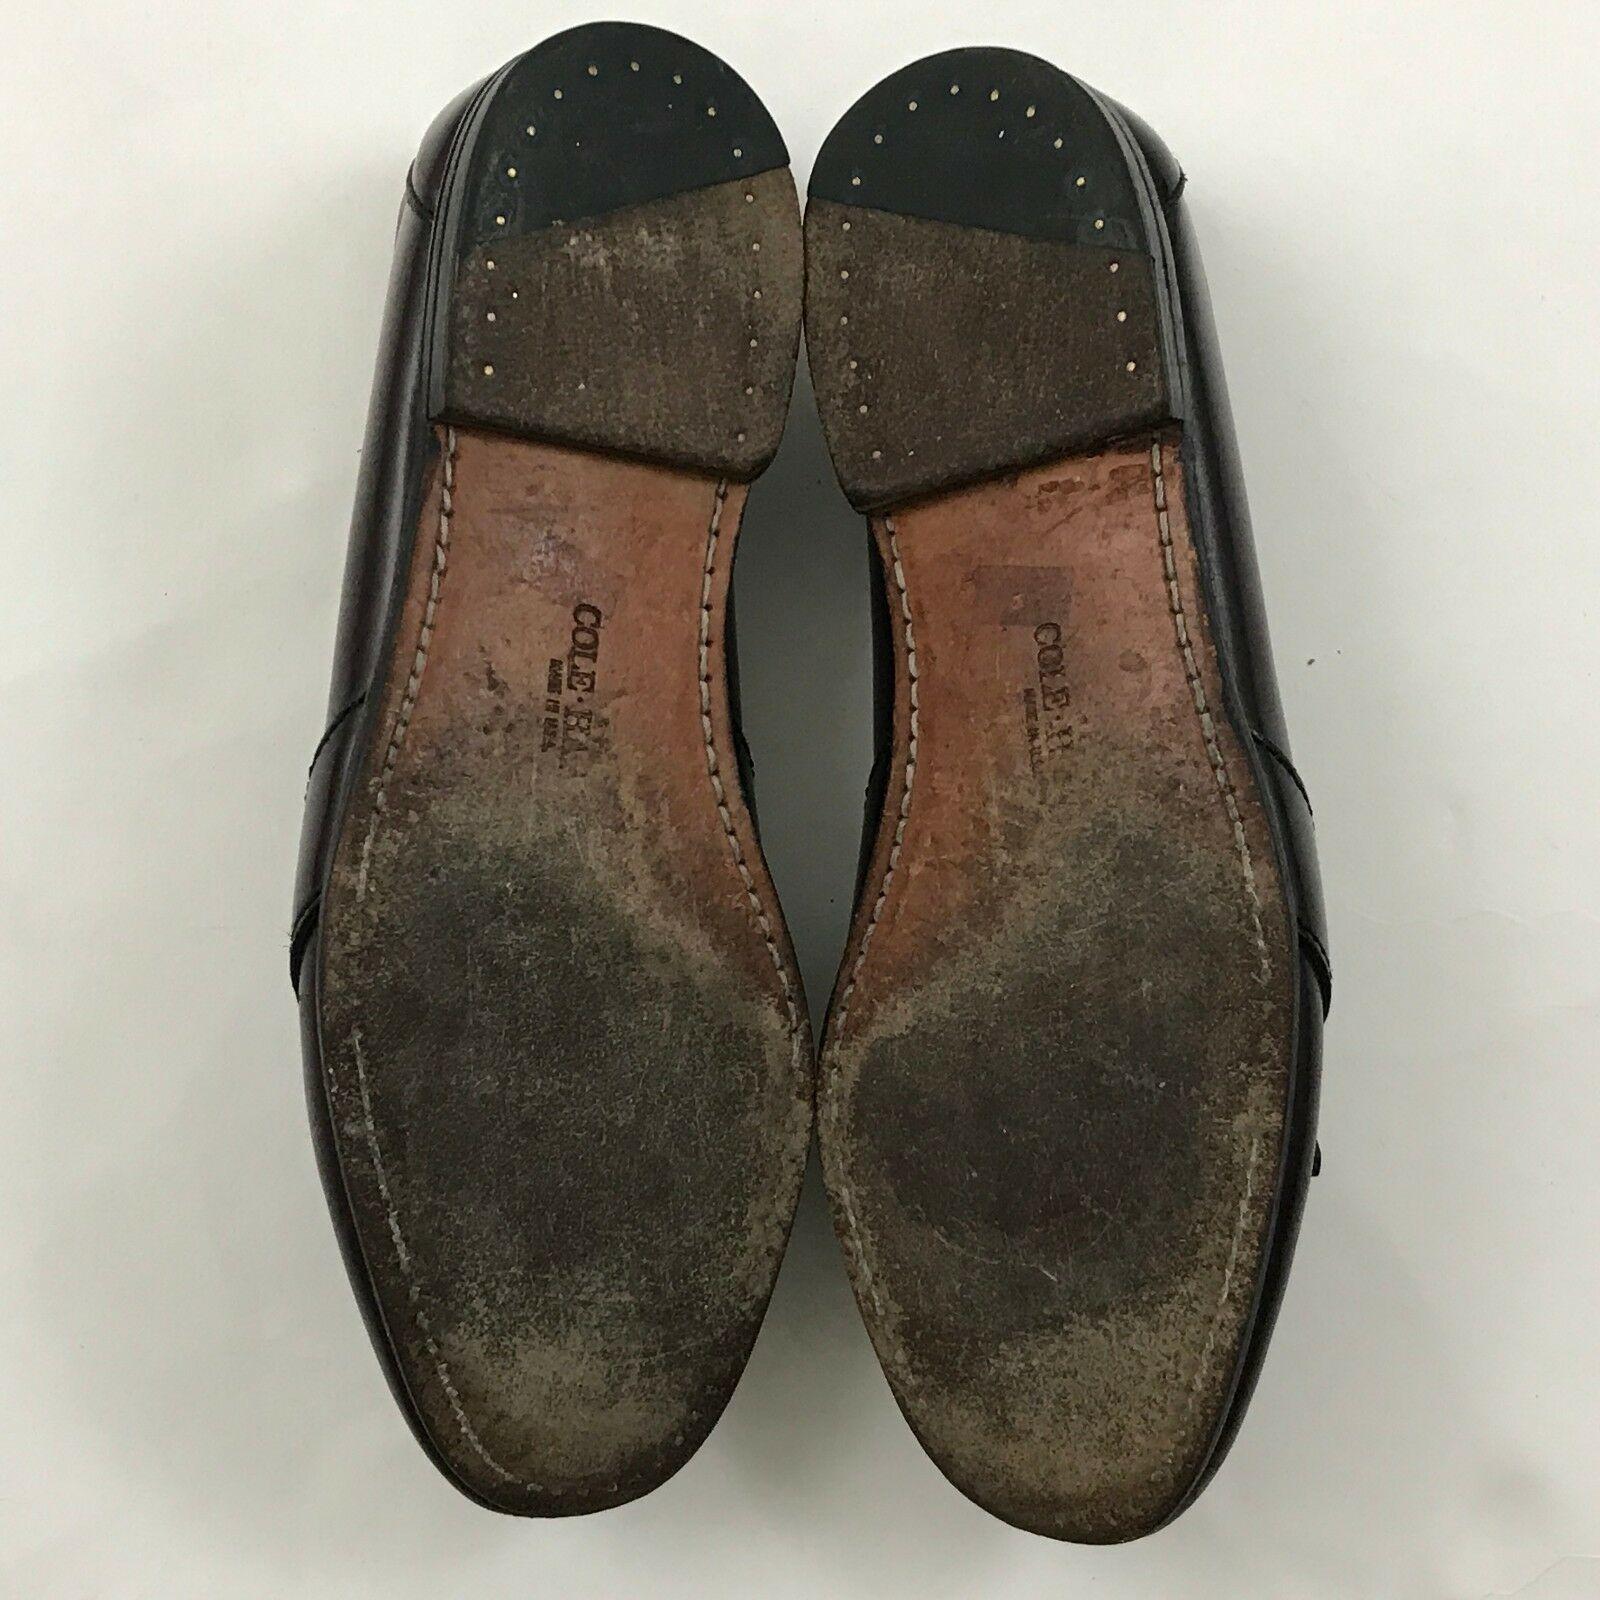 Vintage Cole HAAN Kilti Mocassins Size 8.5 D Cuir Talon Fabriqué aux États Unis